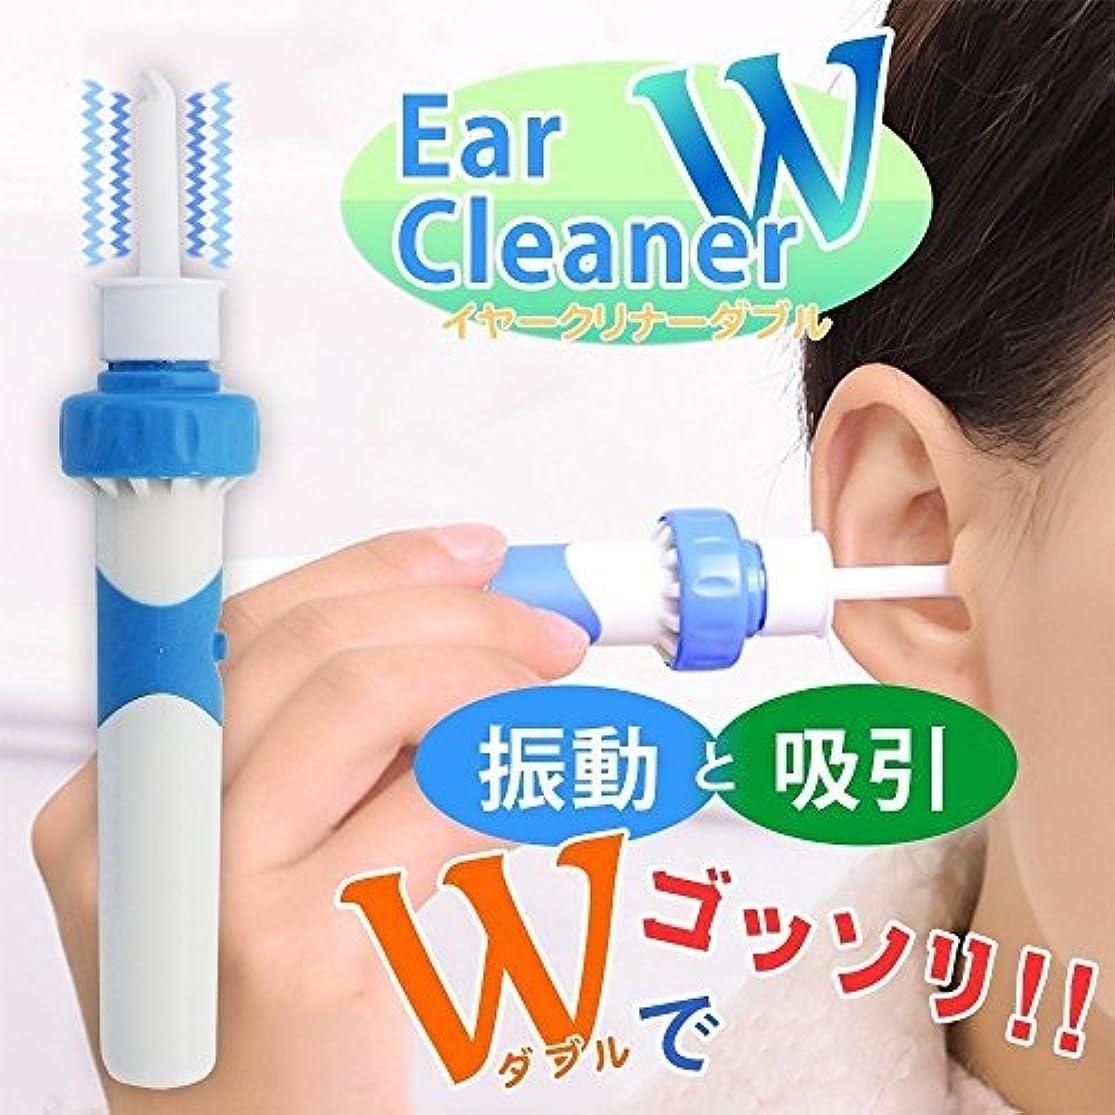 堤防地球代わりのCHUI FEN 耳掃除機 電動耳掃除 耳クリーナー 耳掃除 みみそうじ 耳垢 吸引 耳あか吸引